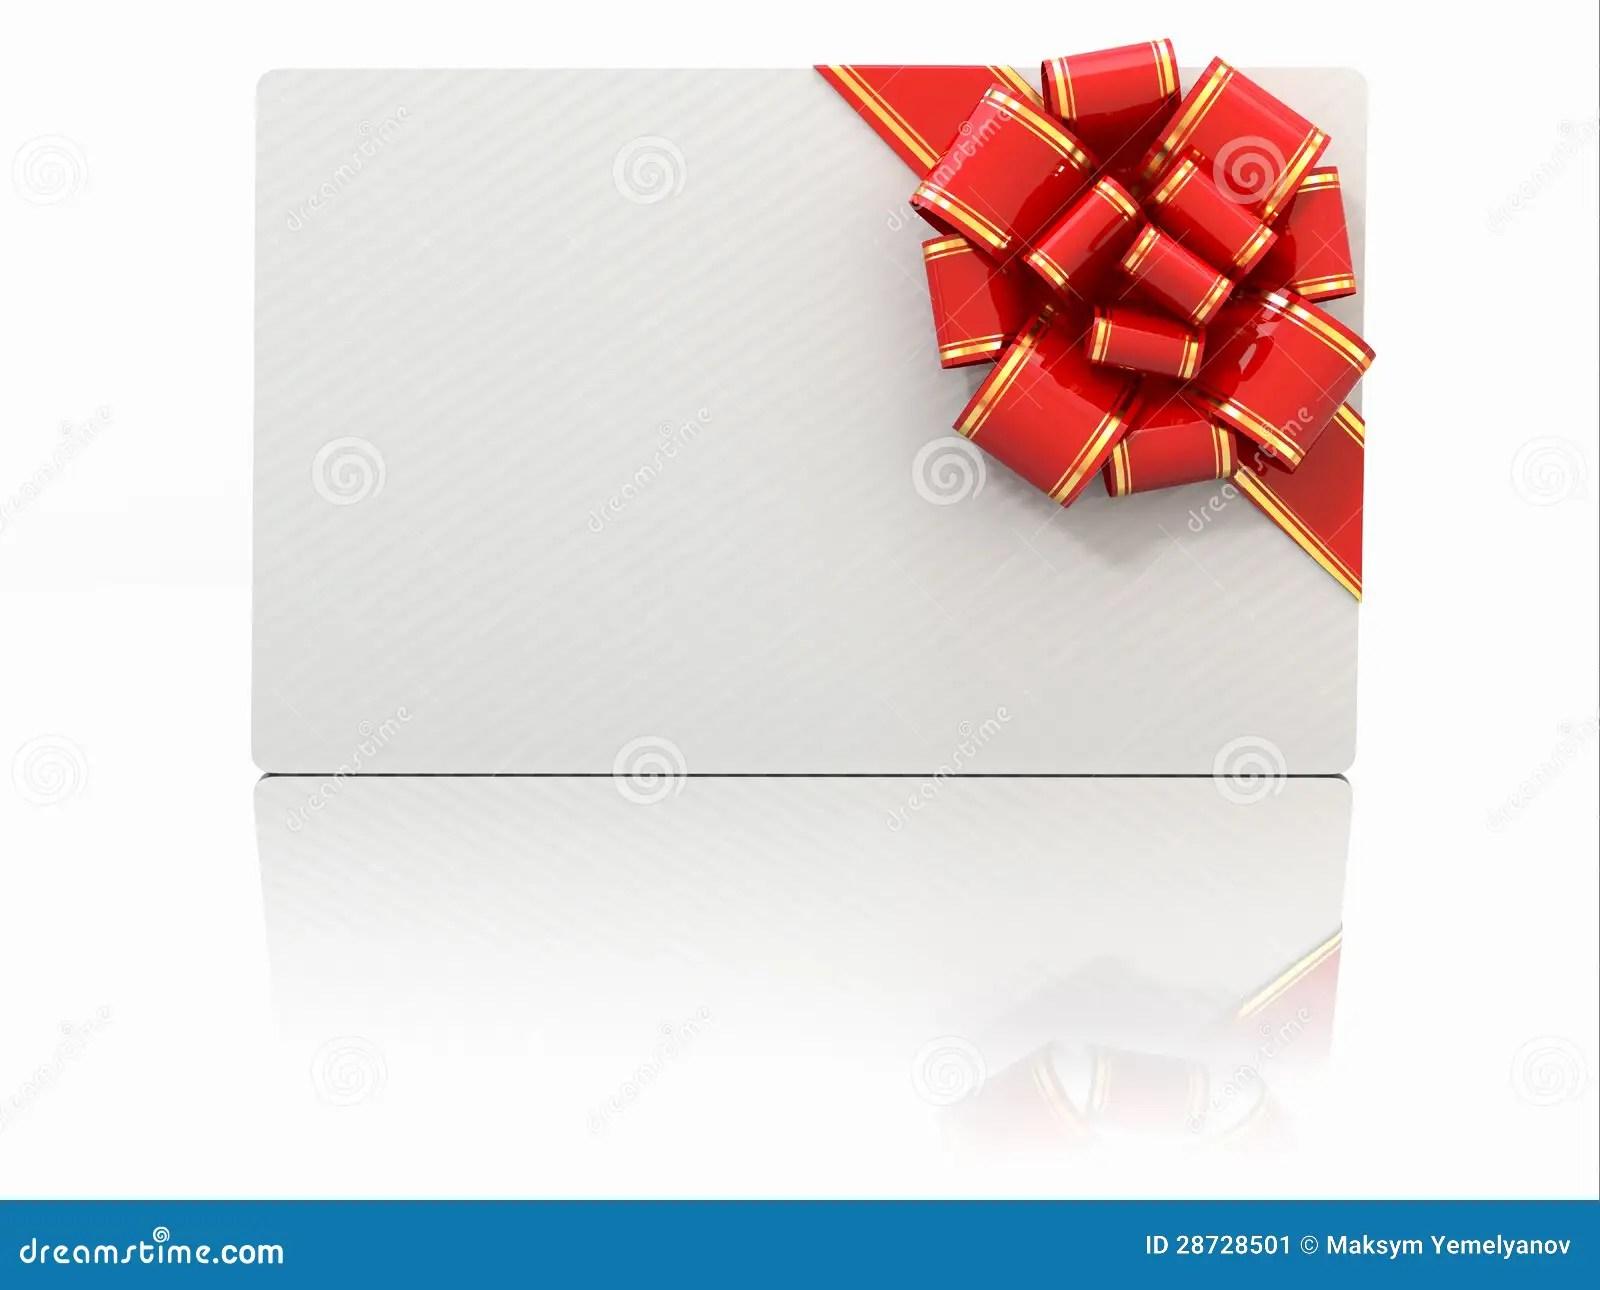 Masquez Le Chque Cadeau Avec La Bande Et Cintrez L